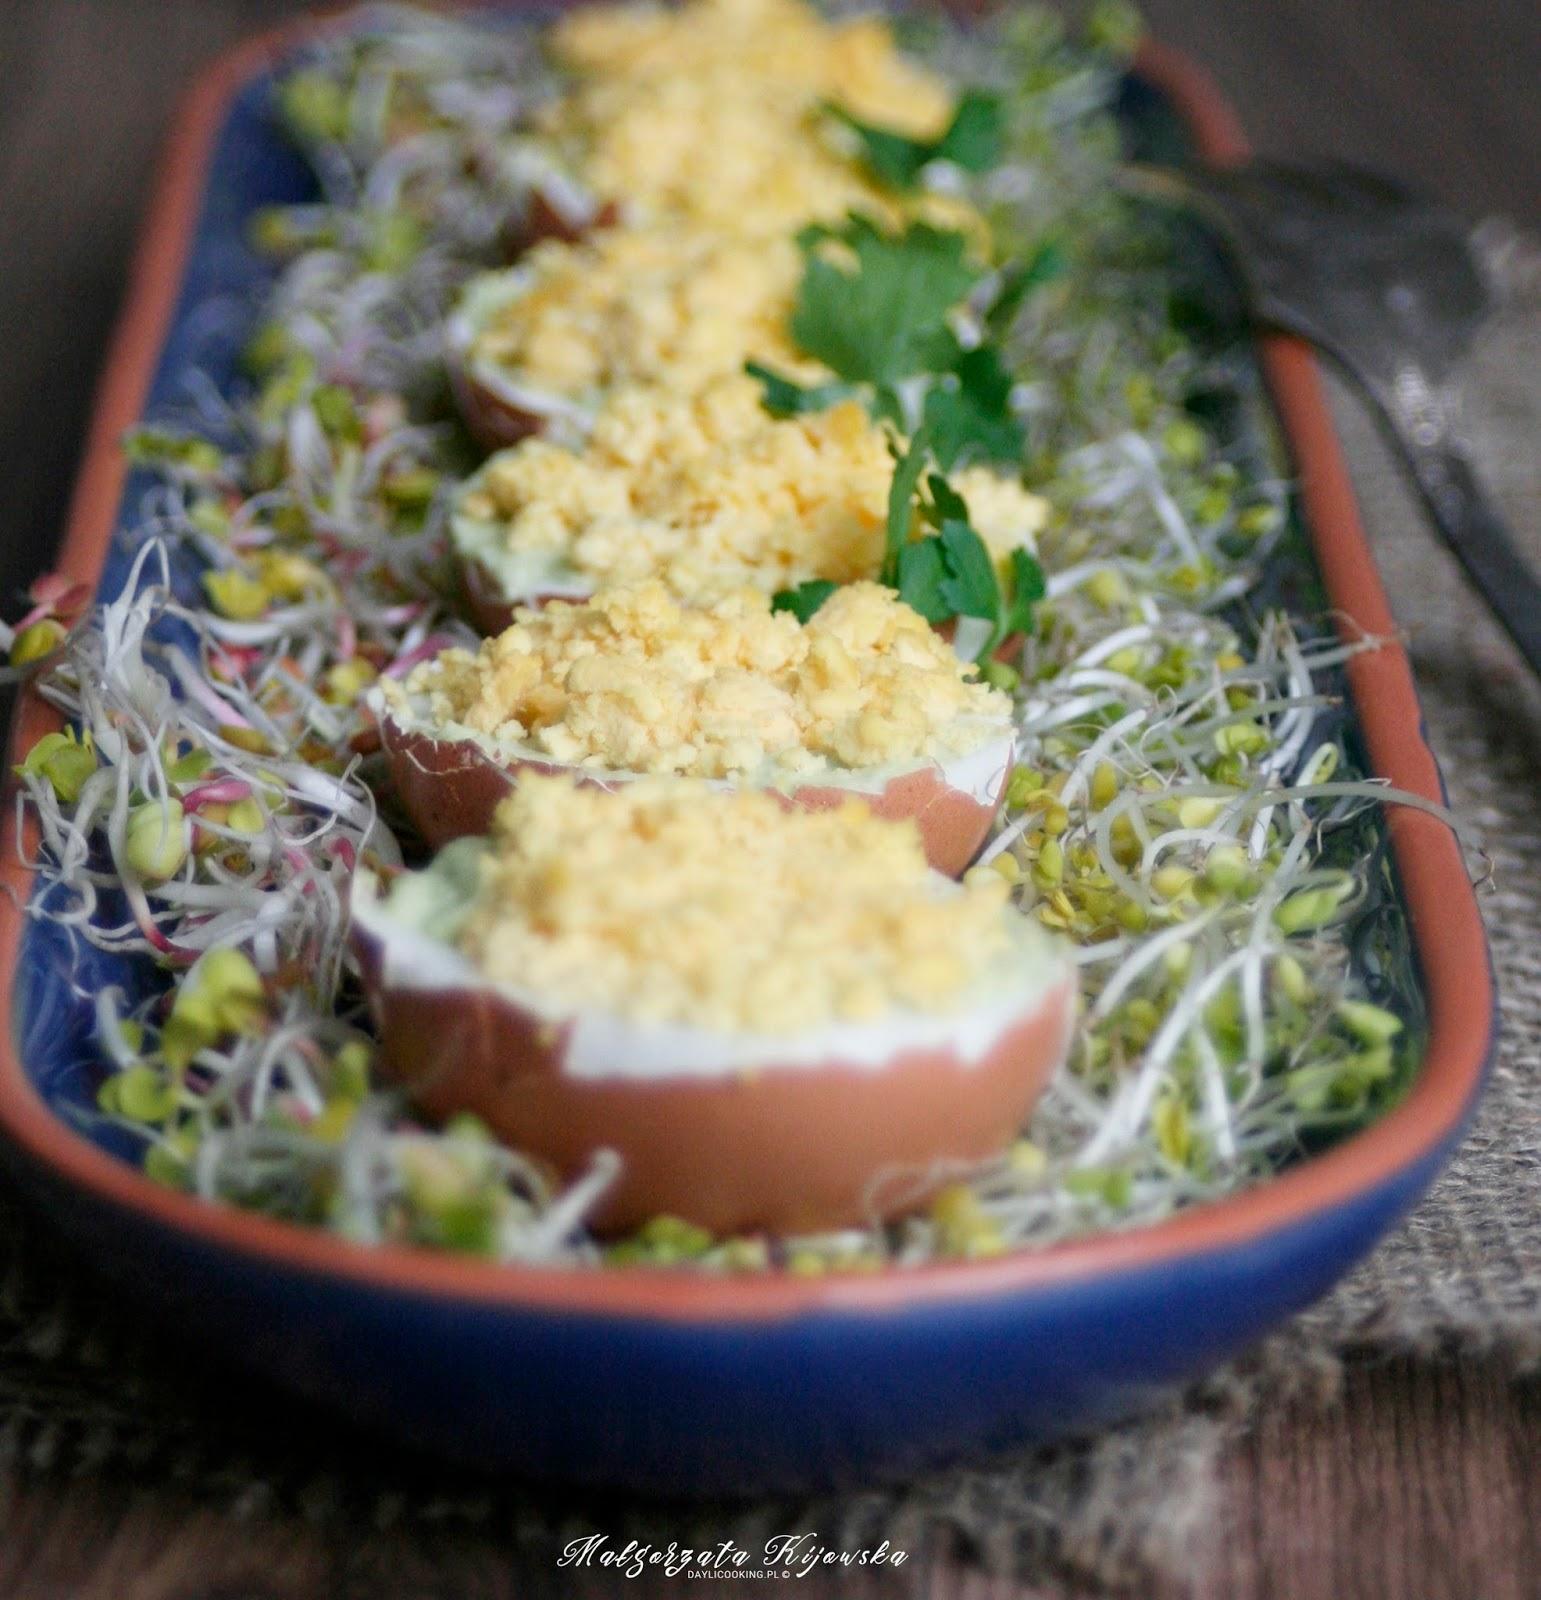 wielkanocne śniadanie, błyskawiczne jajka